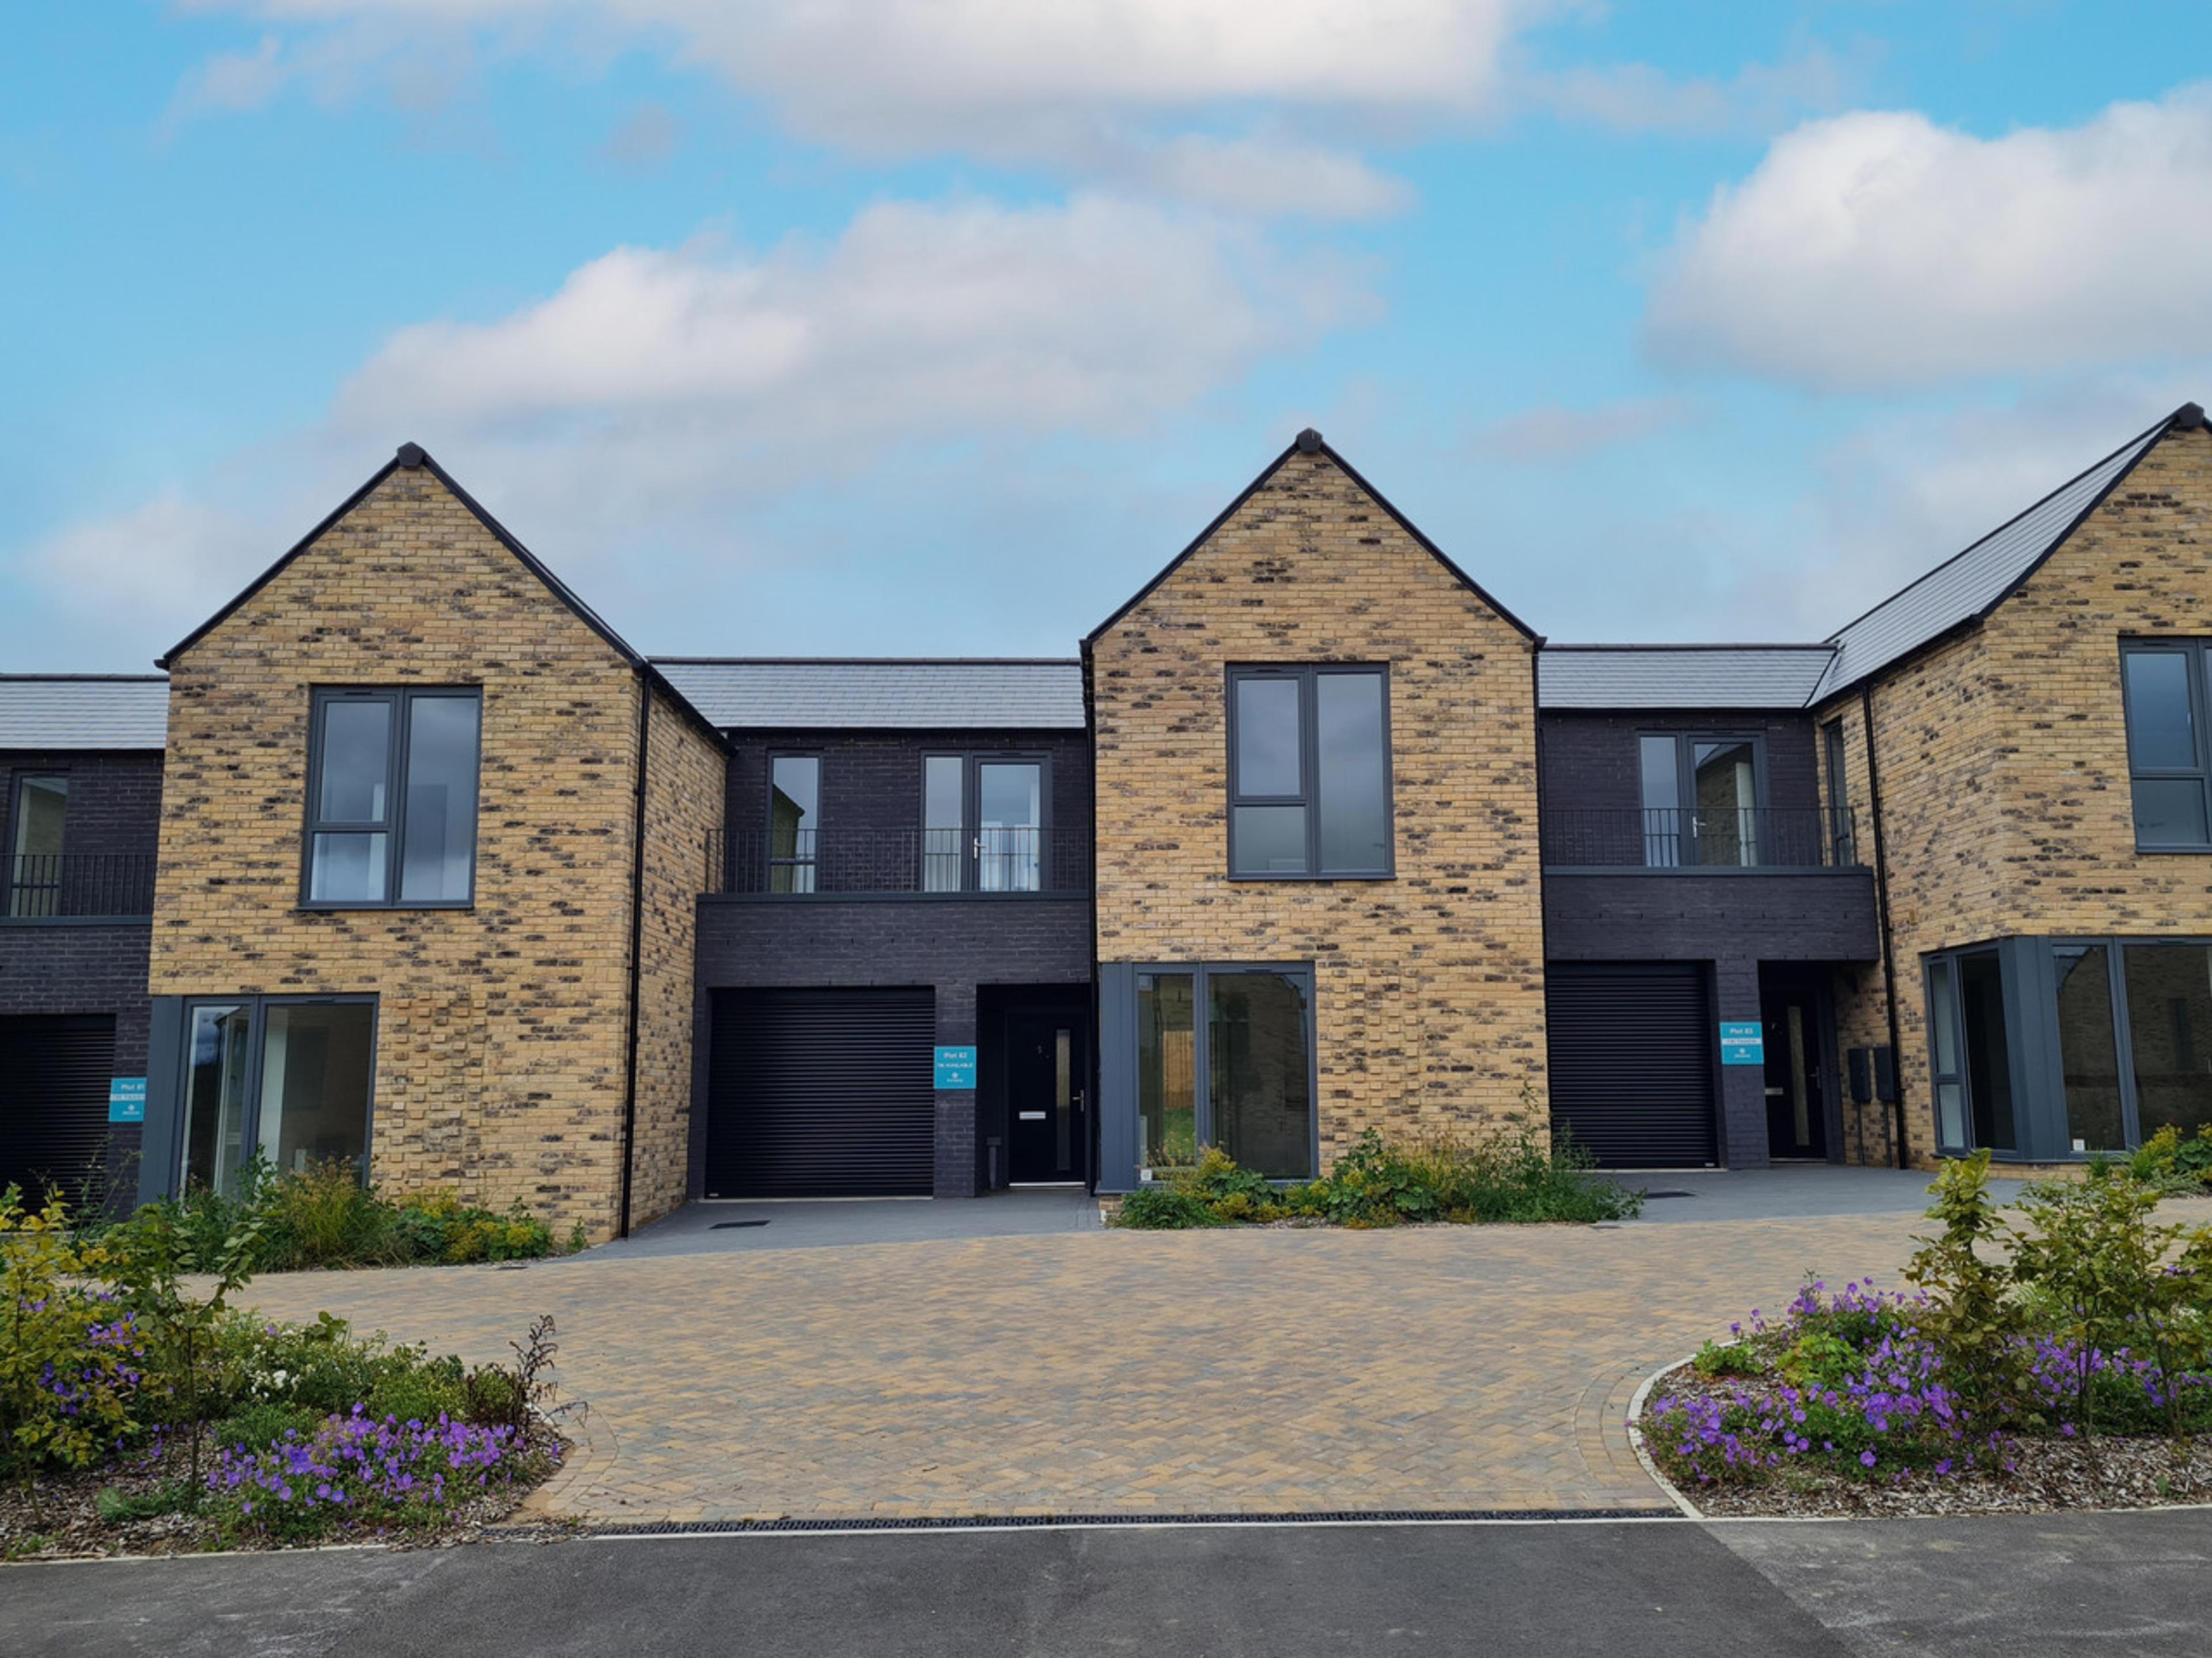 watling-grange-harrogate-elstow-3-bed-home-external-2